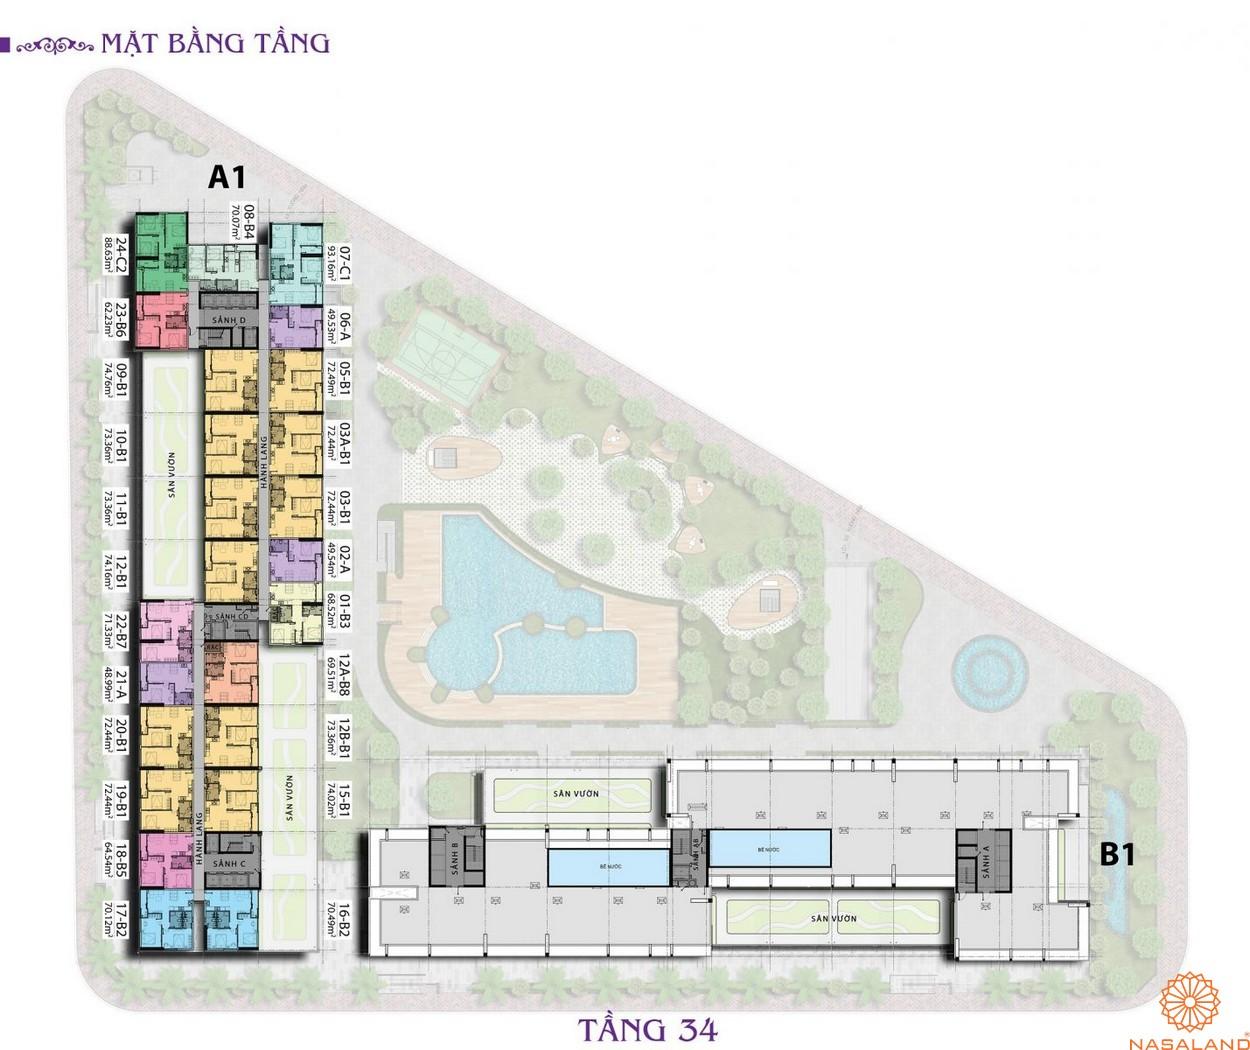 Mặt bằng chi tiết tầng 34 căn hộ Charmington Iris 2020